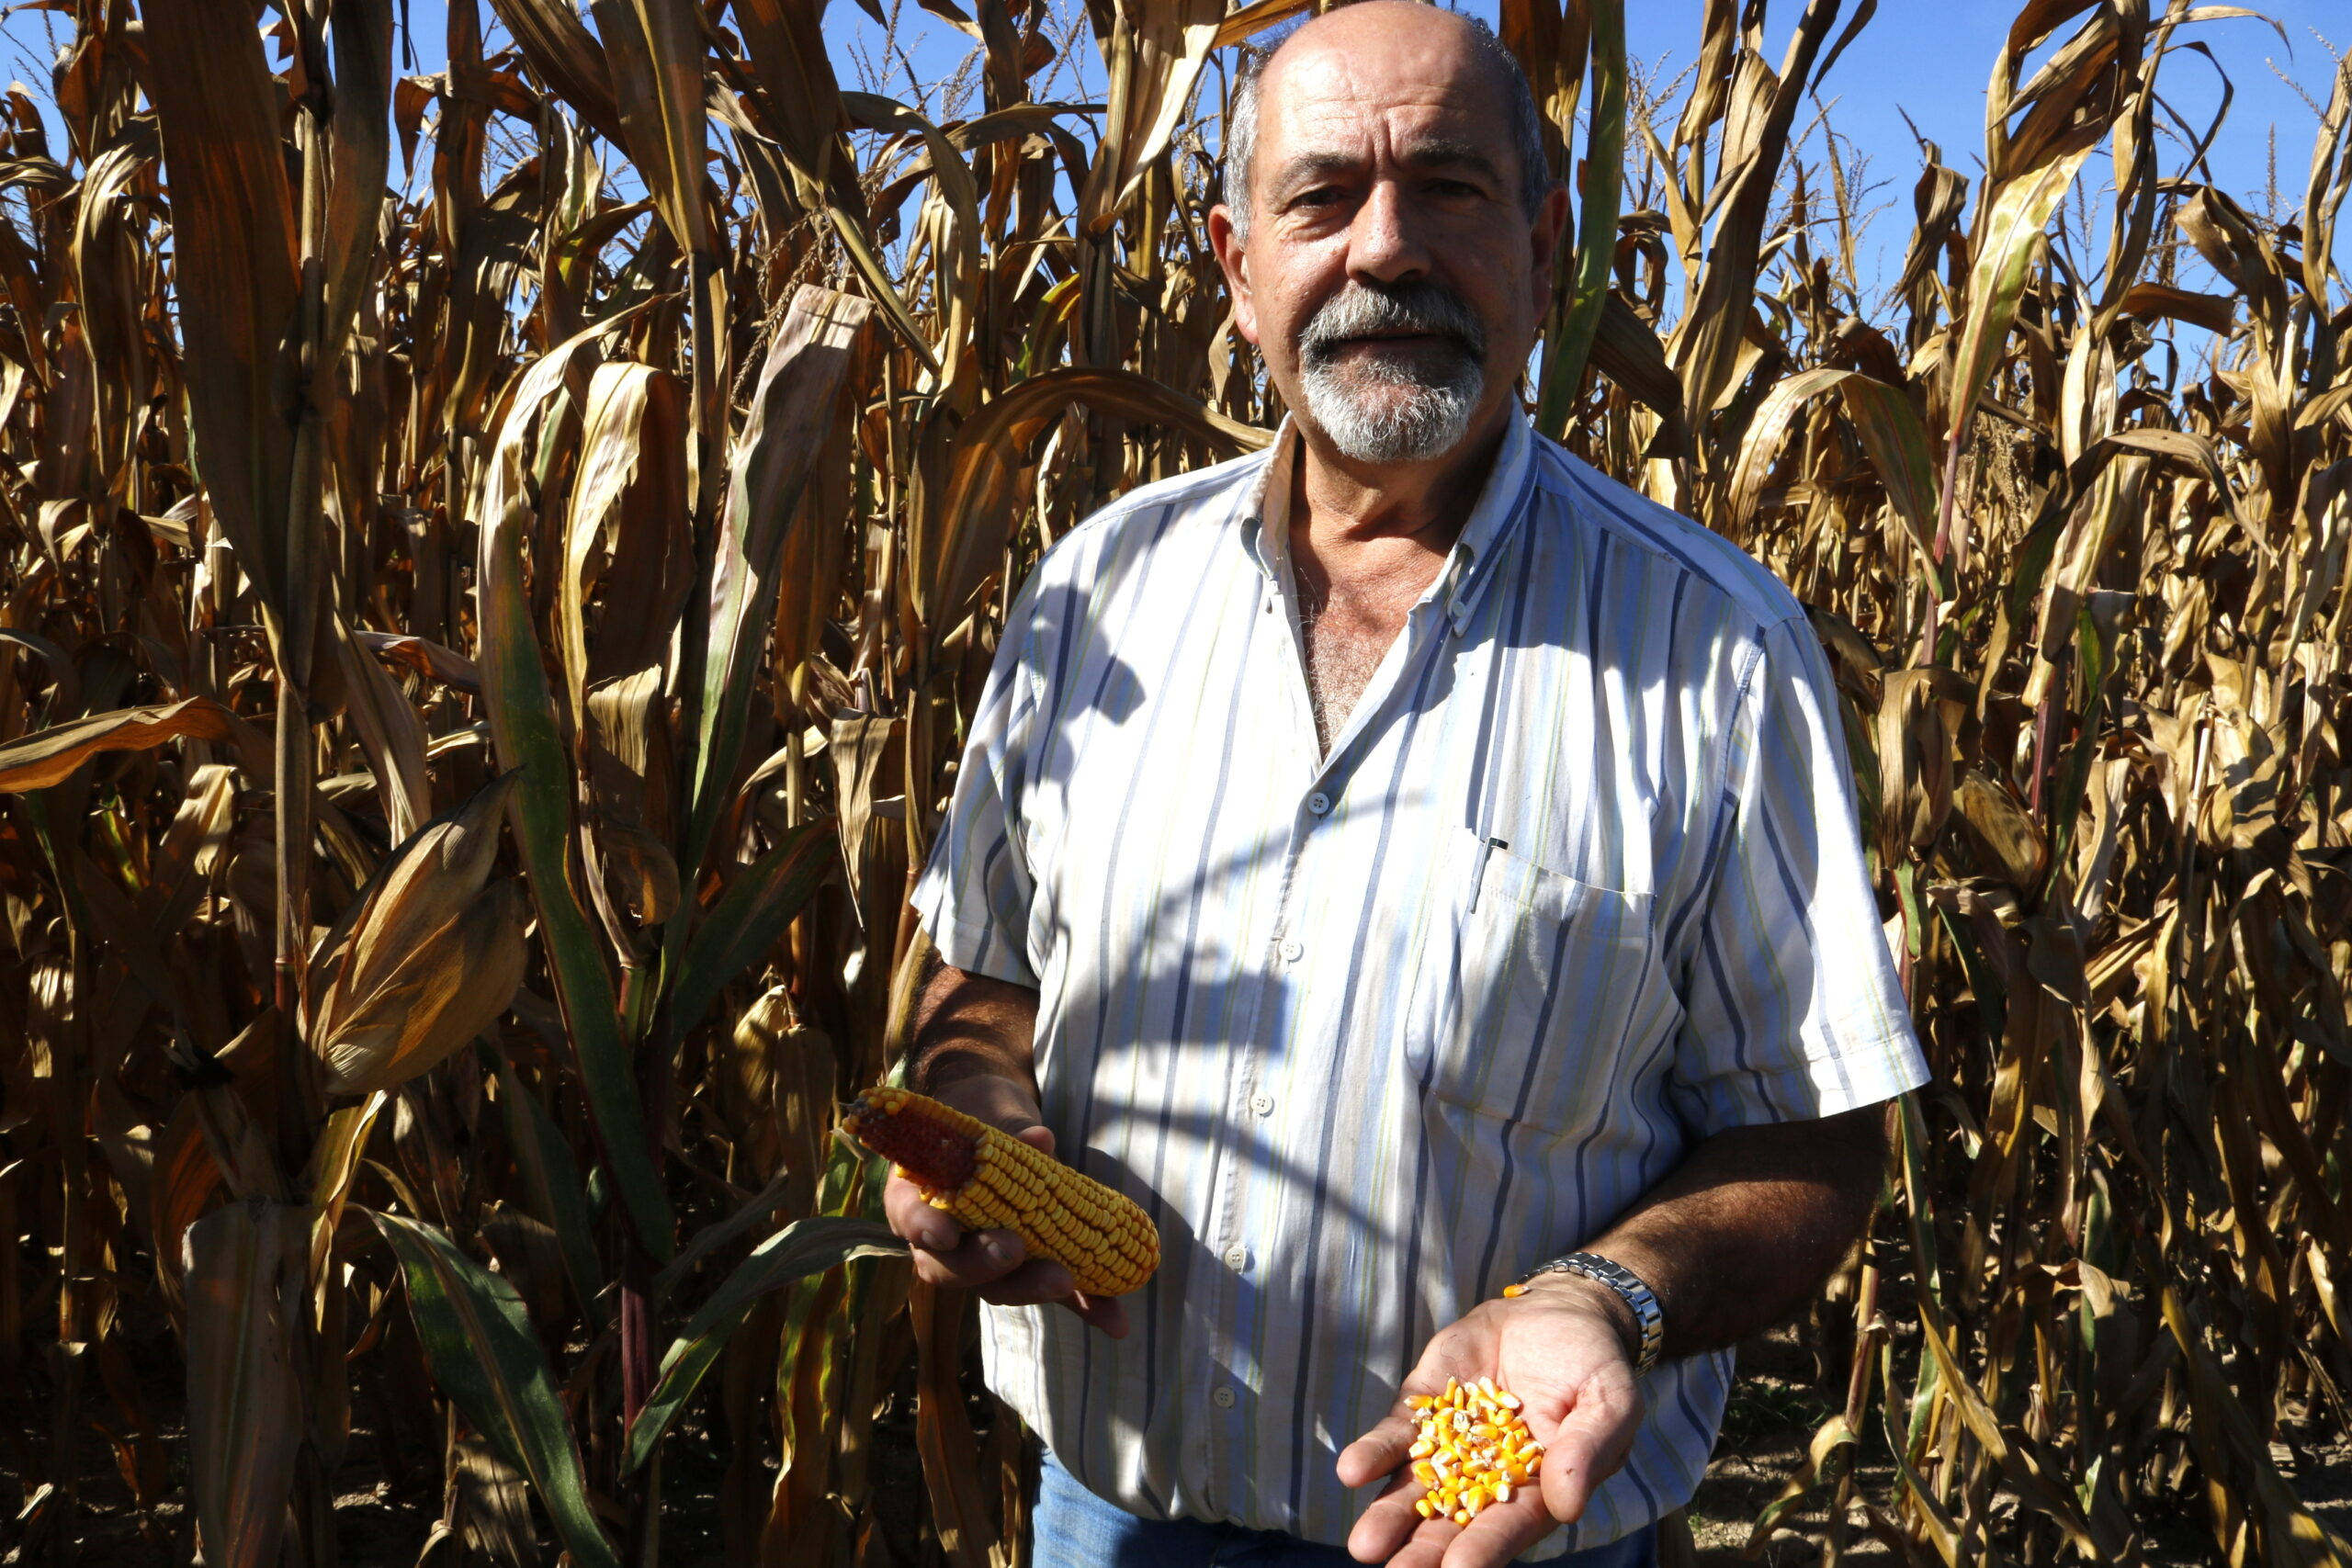 Pla mitjà on es pot veure el president de la Cooperativa de Linyola, Jaume Pedrós, mostrant el gra de panís en una de les seves finques, el 8 d'octubre de 2019. (Horitzontal)